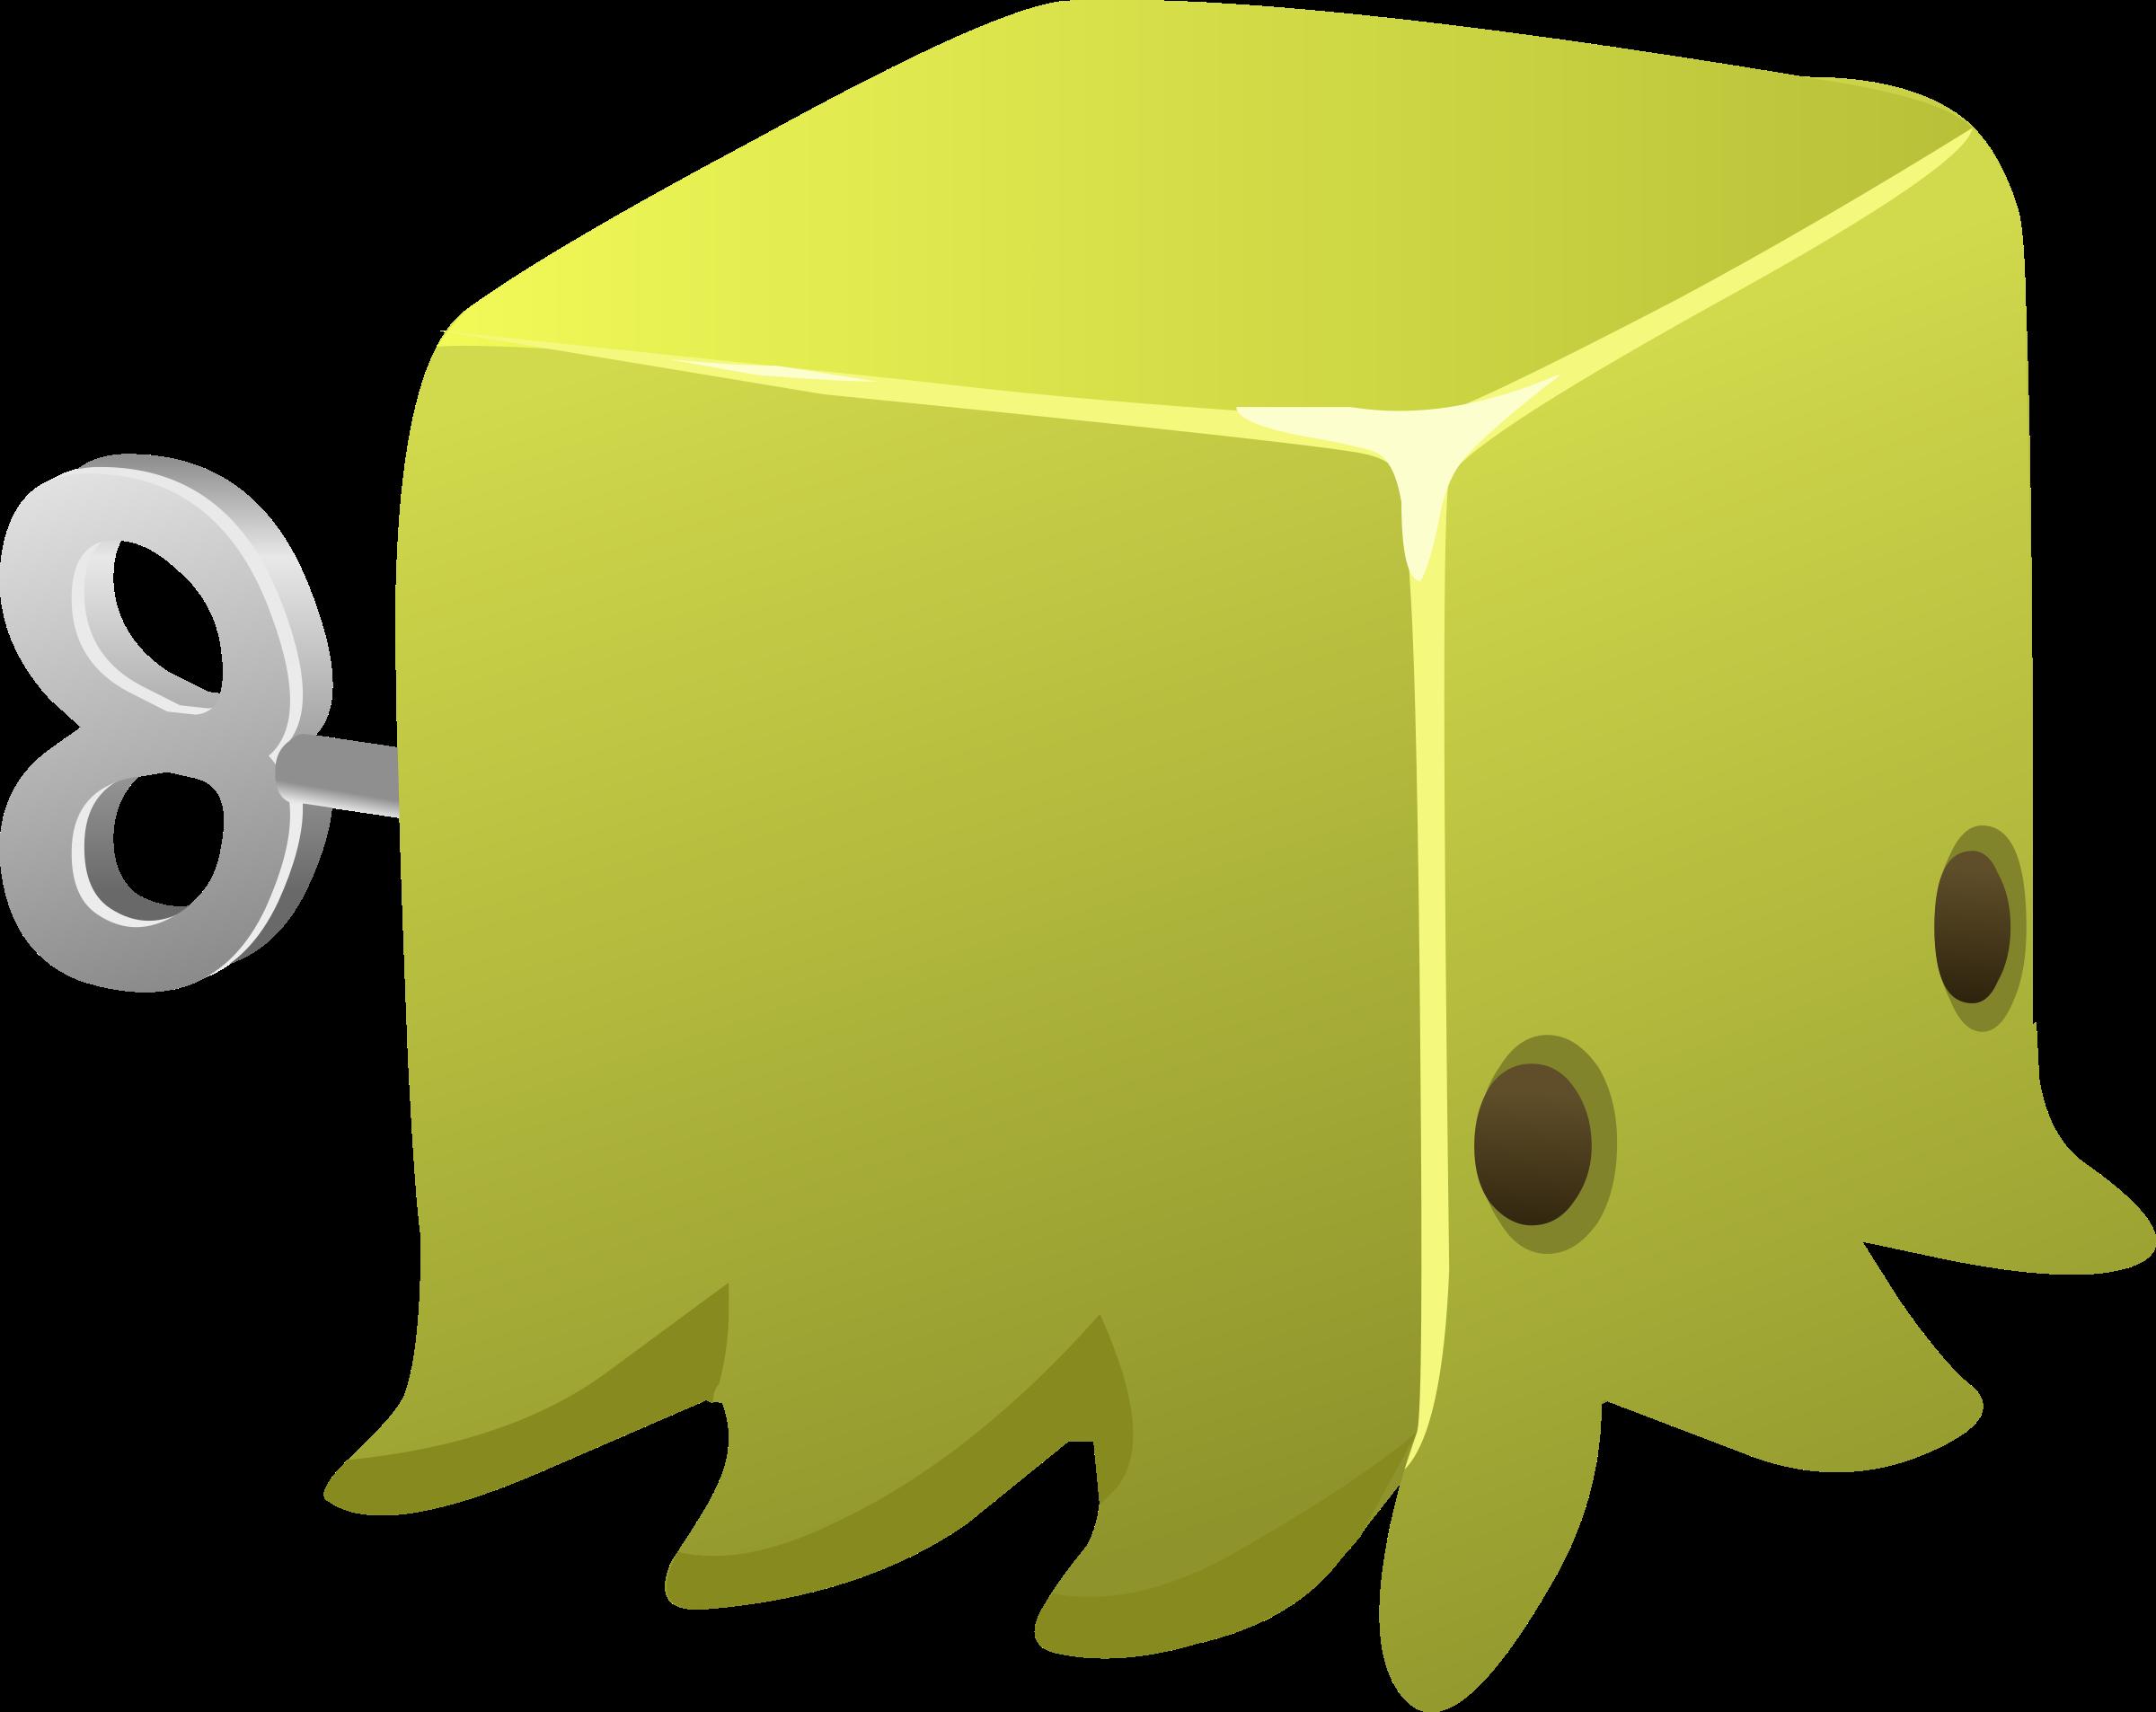 Cubimal npc big image. Green clipart squid